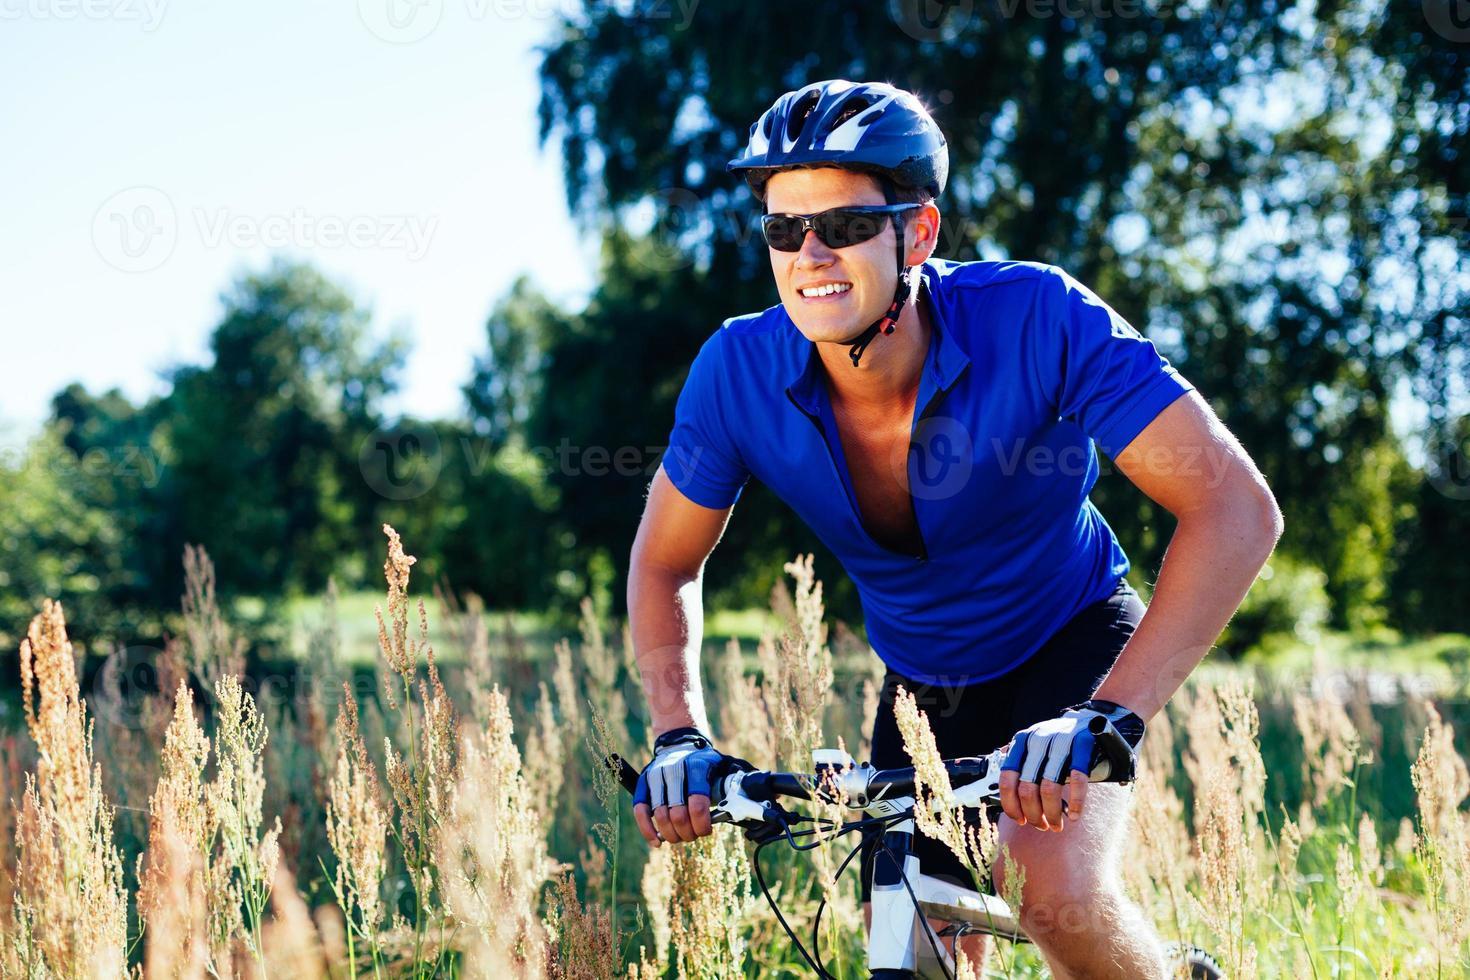 jovem feliz andando de bicicleta lá fora. estilo de vida saudável. foto